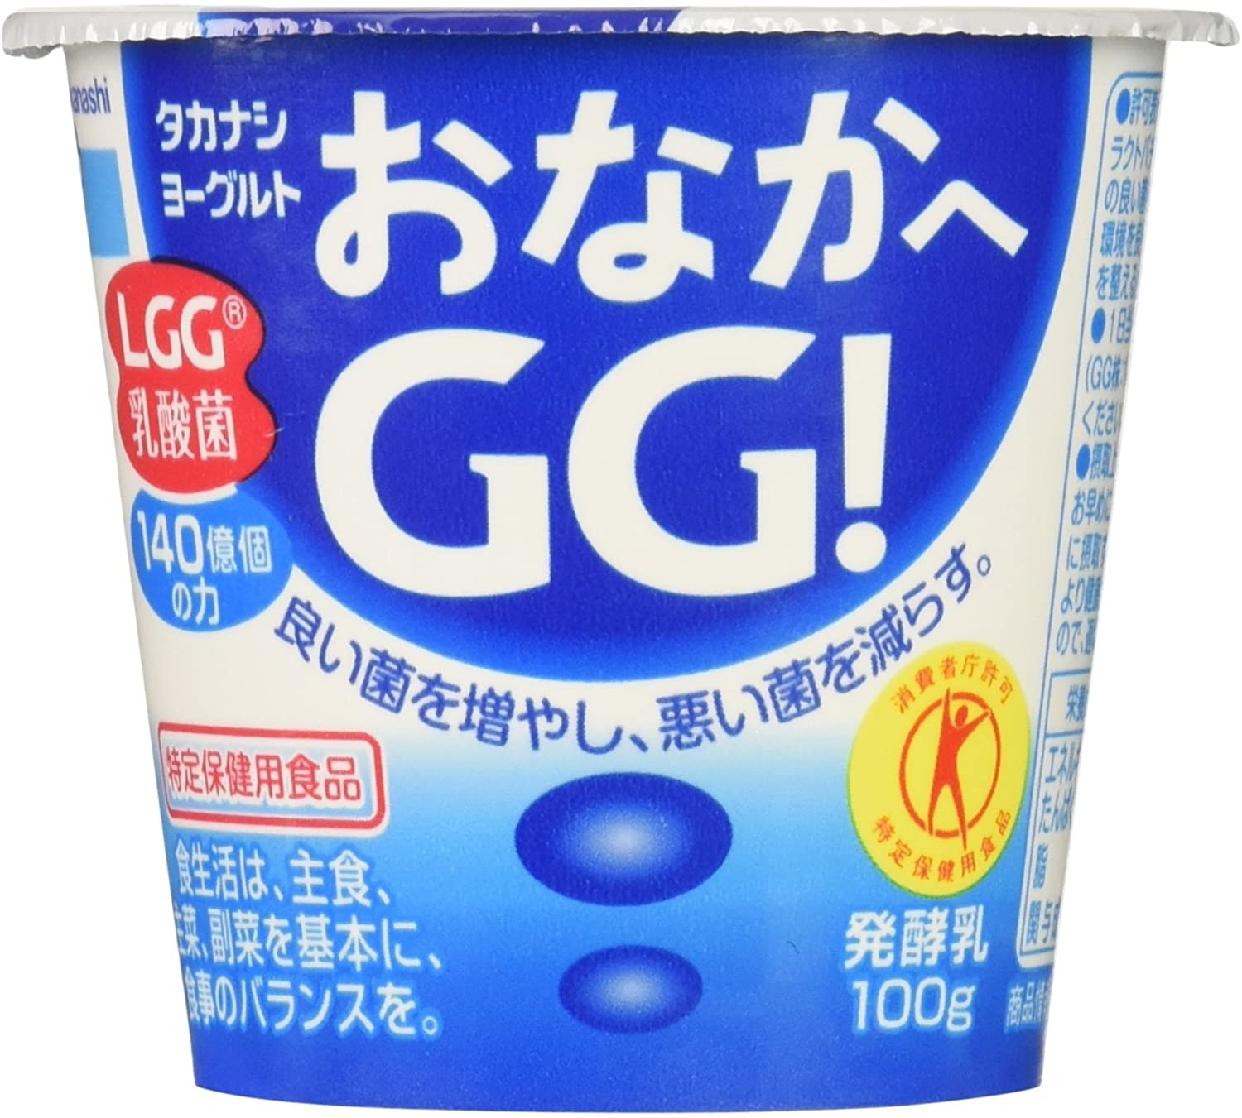 タカナシ乳業 ヨーグルトおなかへGG!